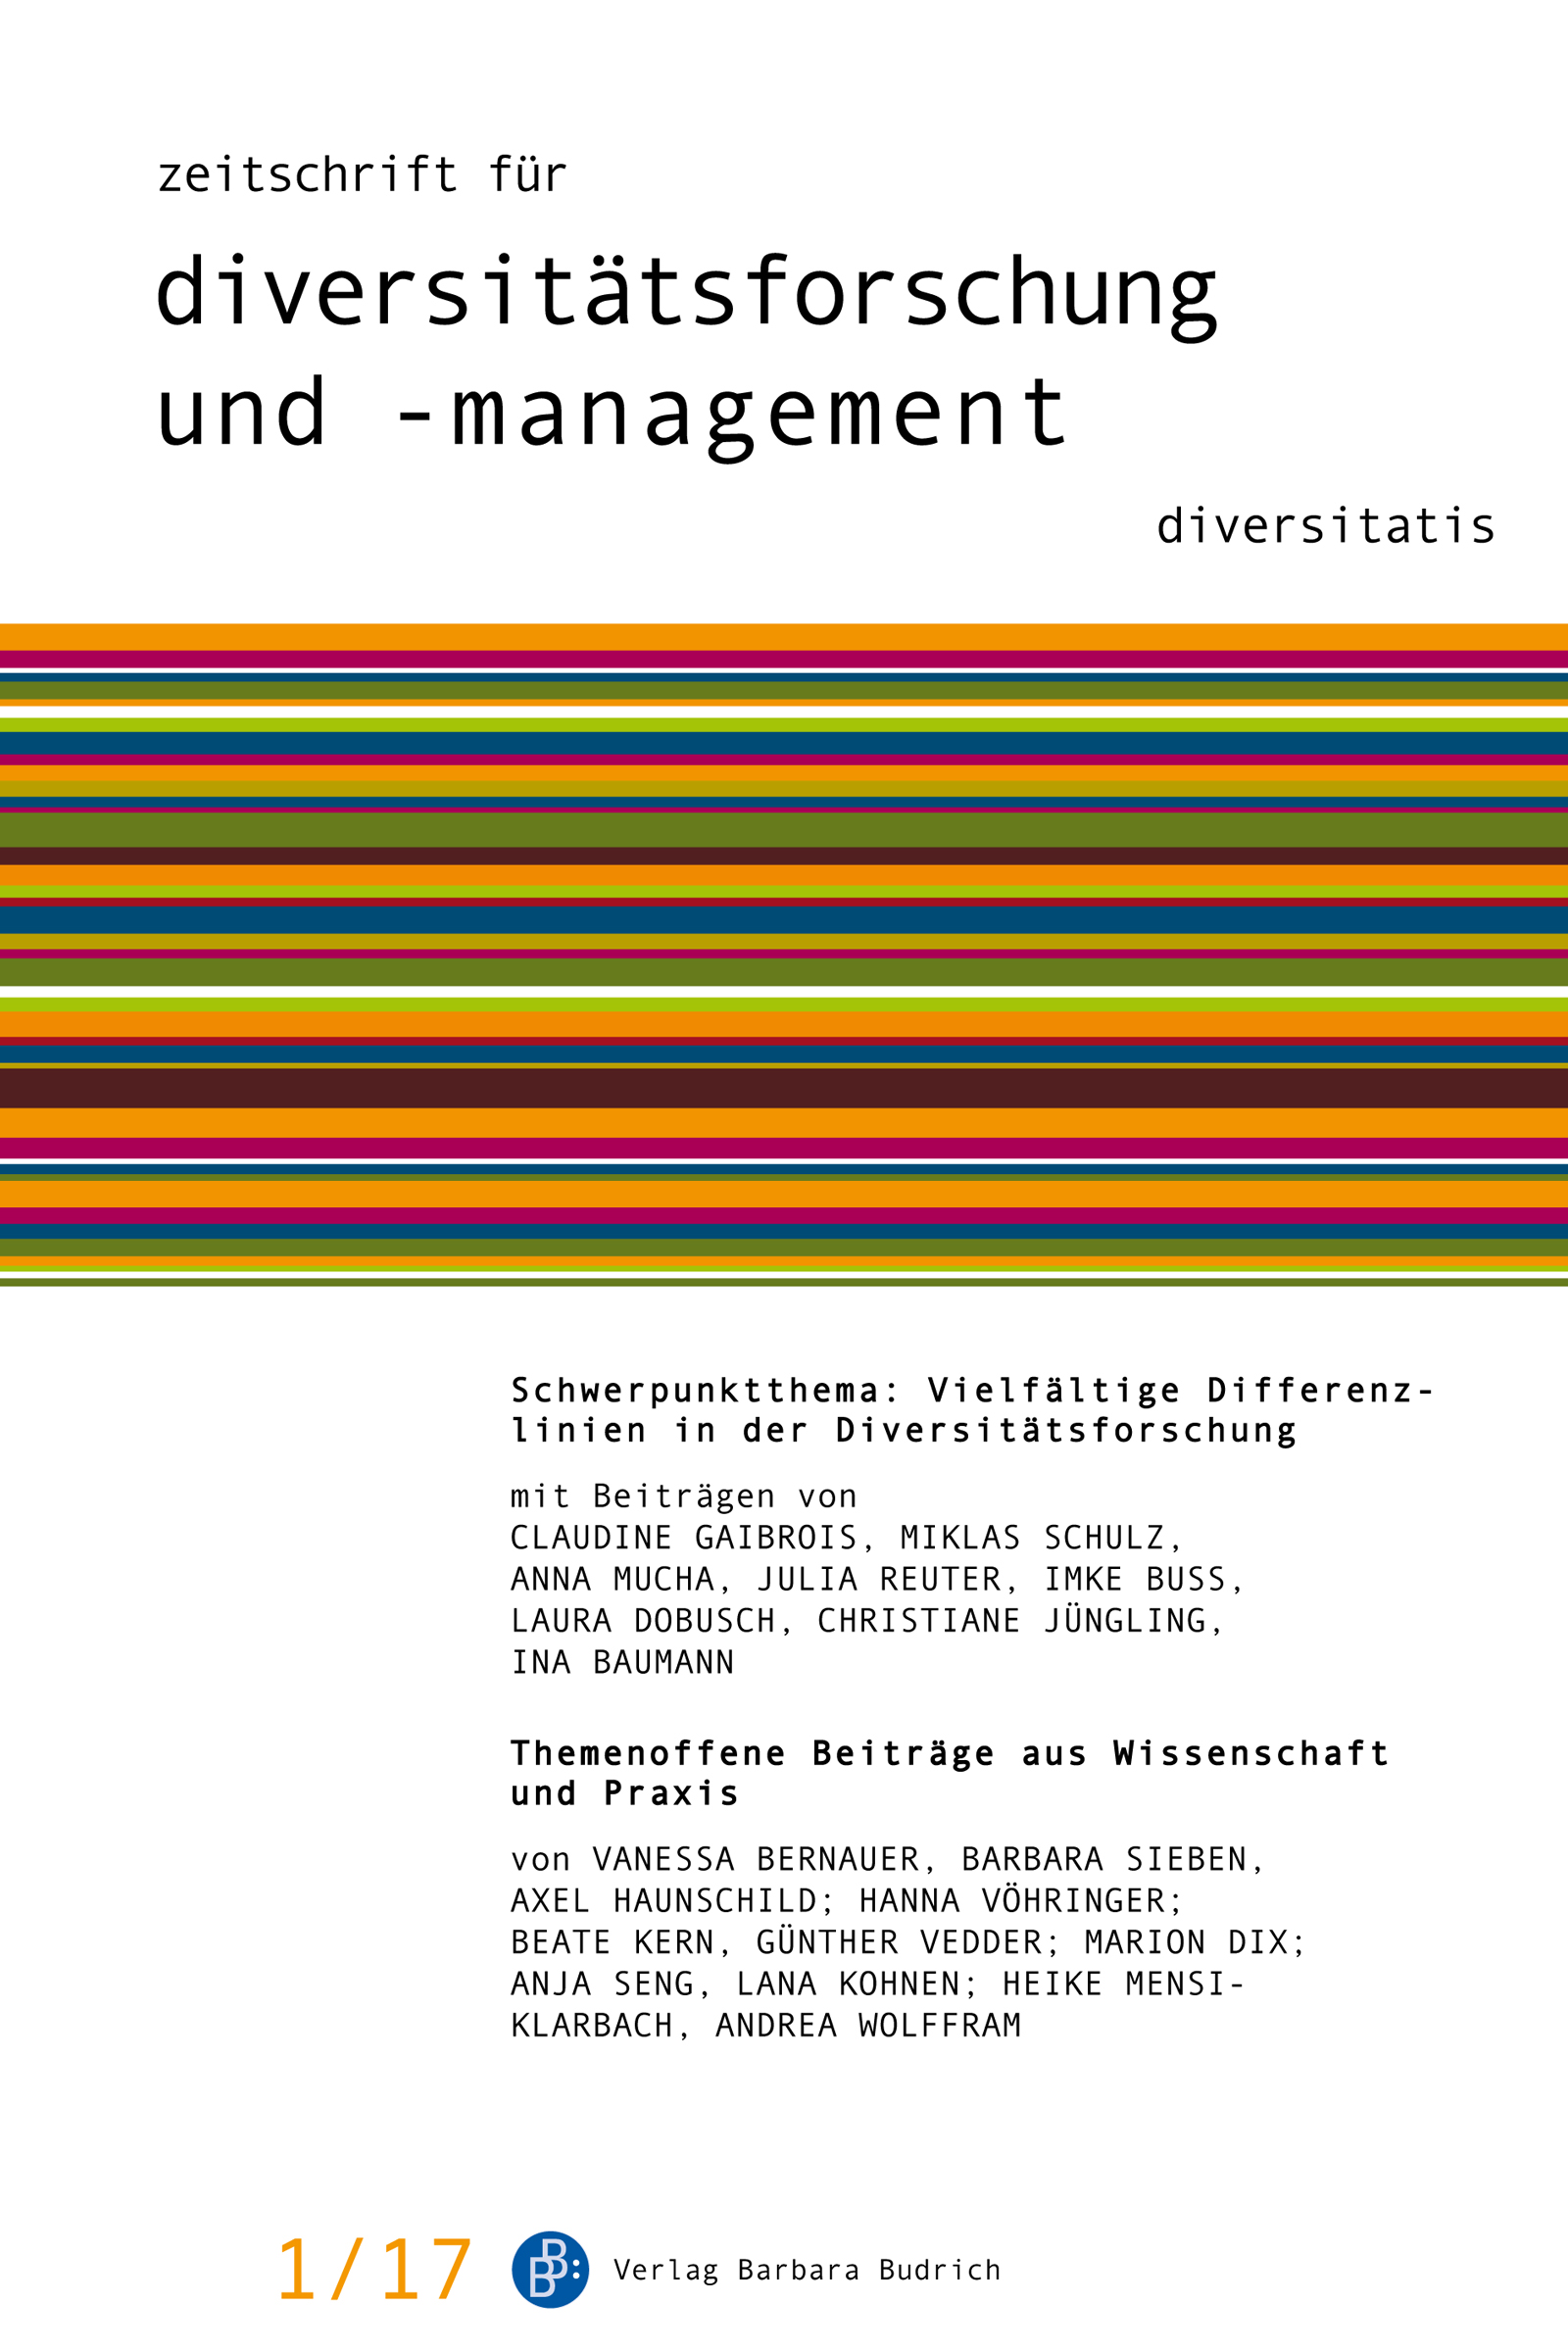 ZDfm – Zeitschrift für Diversitätsforschung und -management 1-2017: Vielfältige Differenzlinien in der Diversitätsforschung